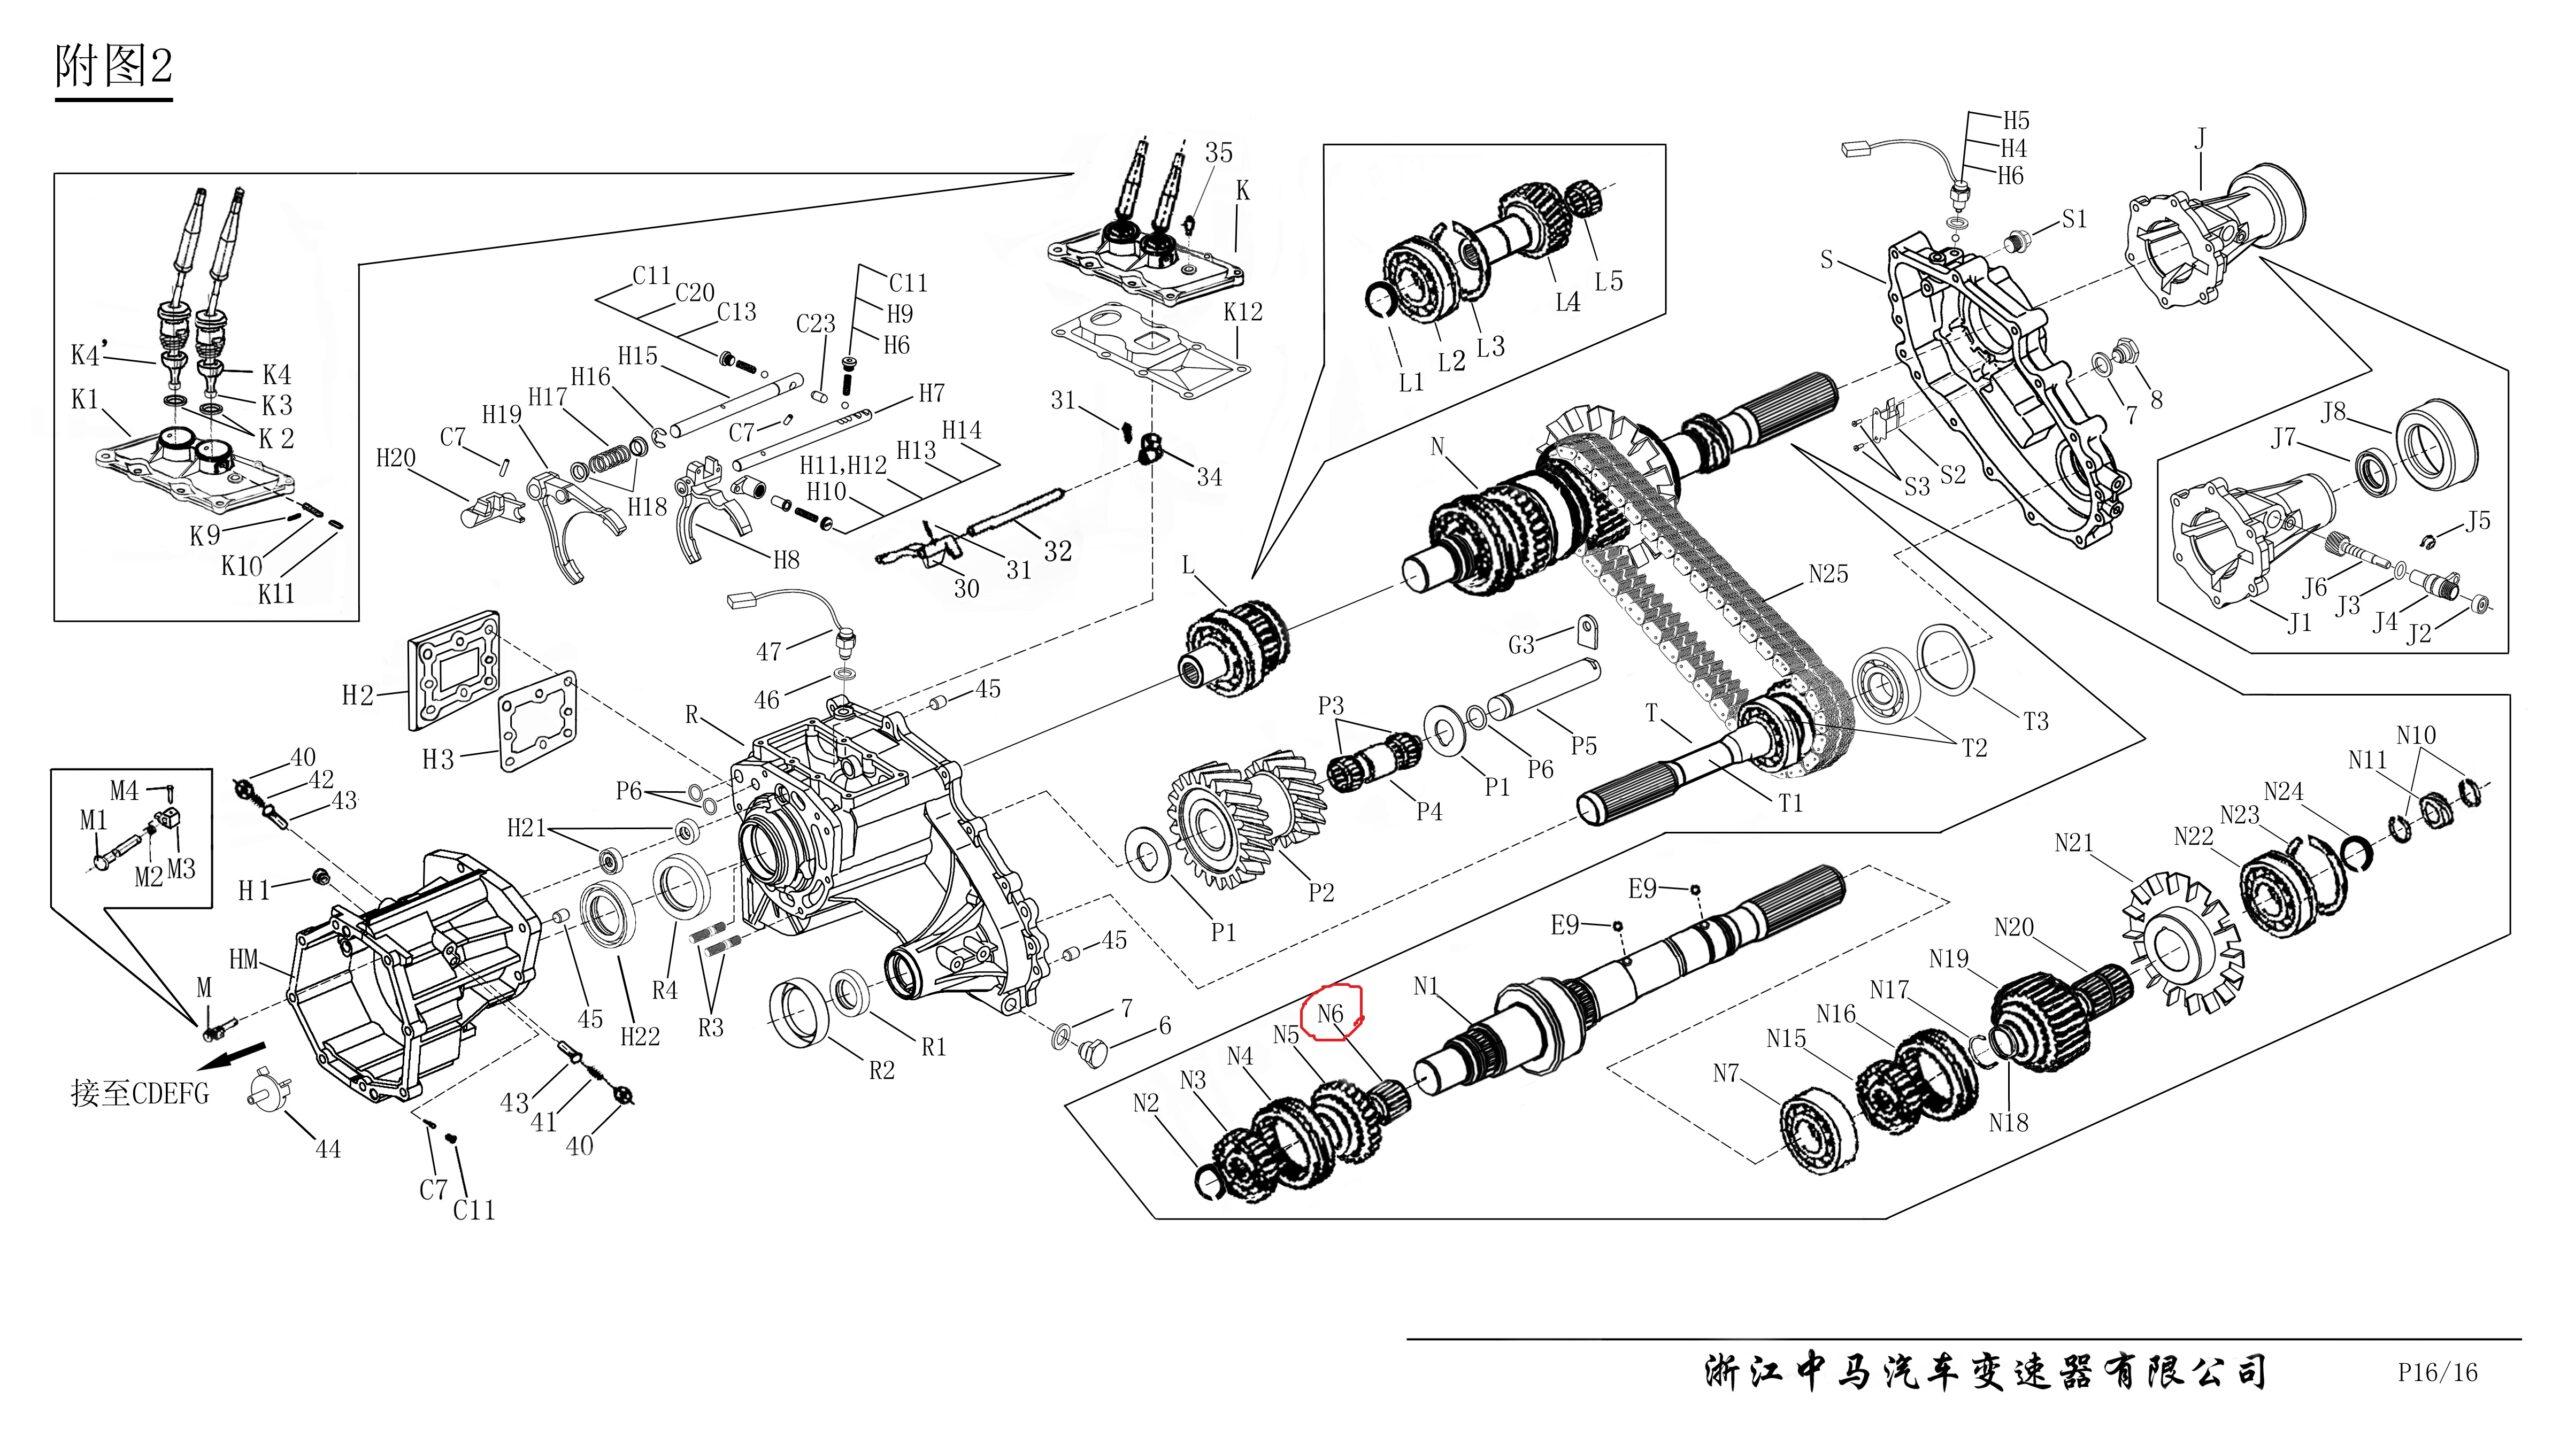 Підшипник голчатий шестерні знижуючої передачі/ подшипник шестерни понижающей передачи-1262